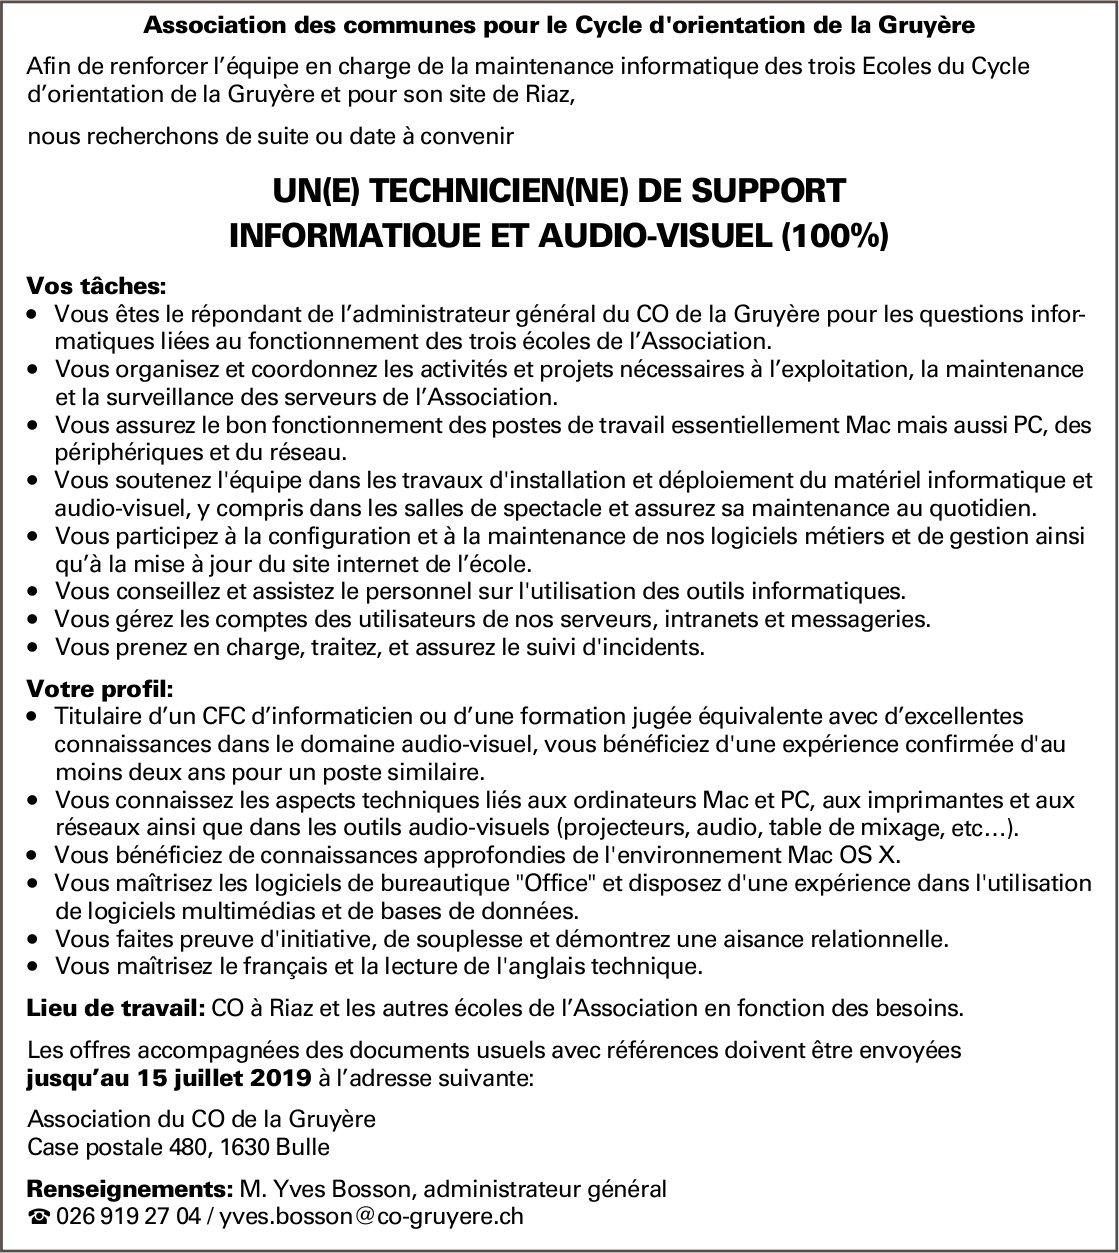 UN(E) TECHNICIEN(NE) DE SUPPORT INFORMATIQUE ET AUDIO-VISUEL (100%), Association du CO de la Gruyère